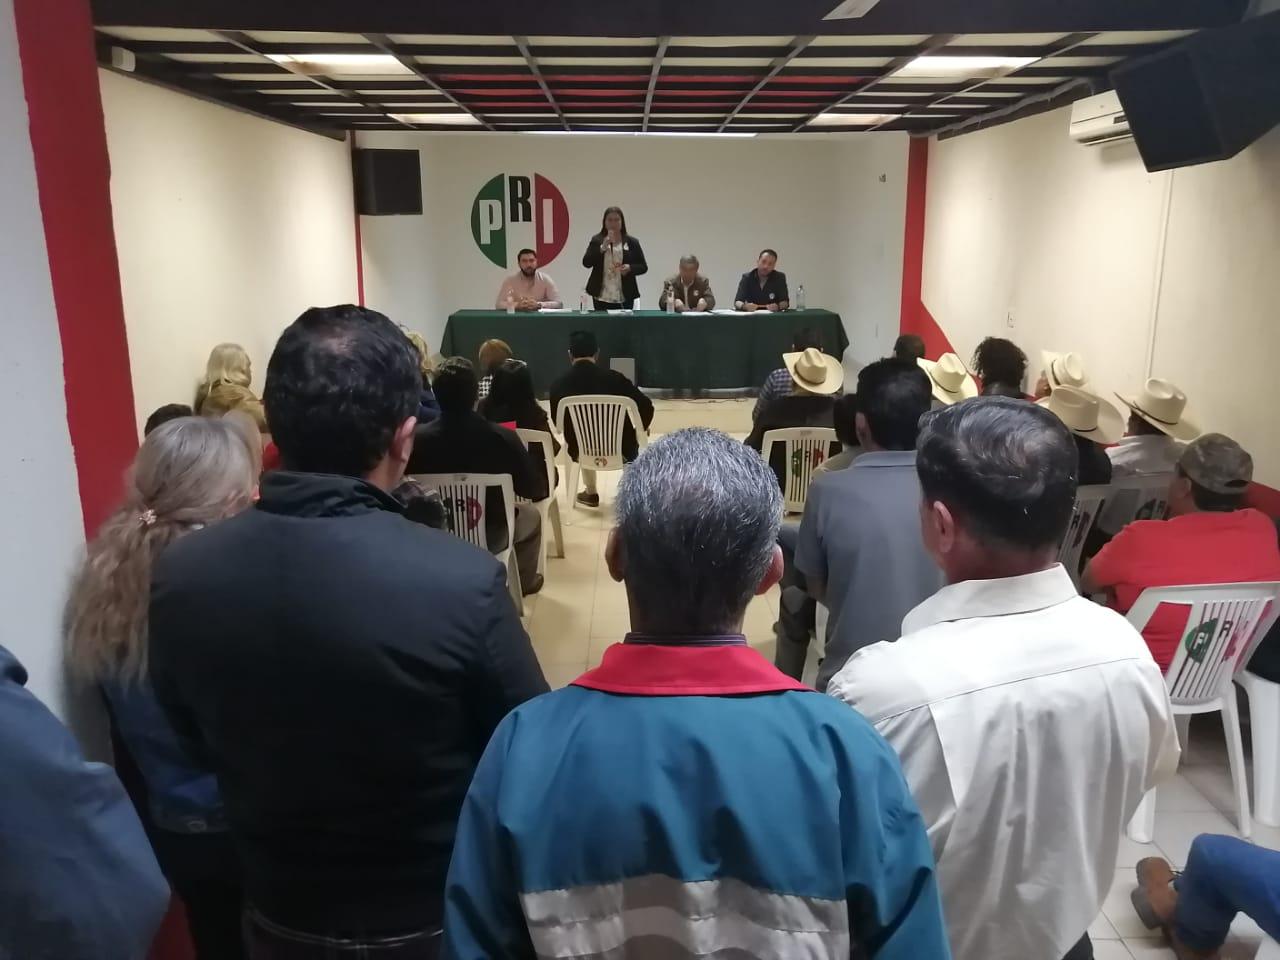 Busca PRI dejar atrás opacidad en elección de nueva dirigencia